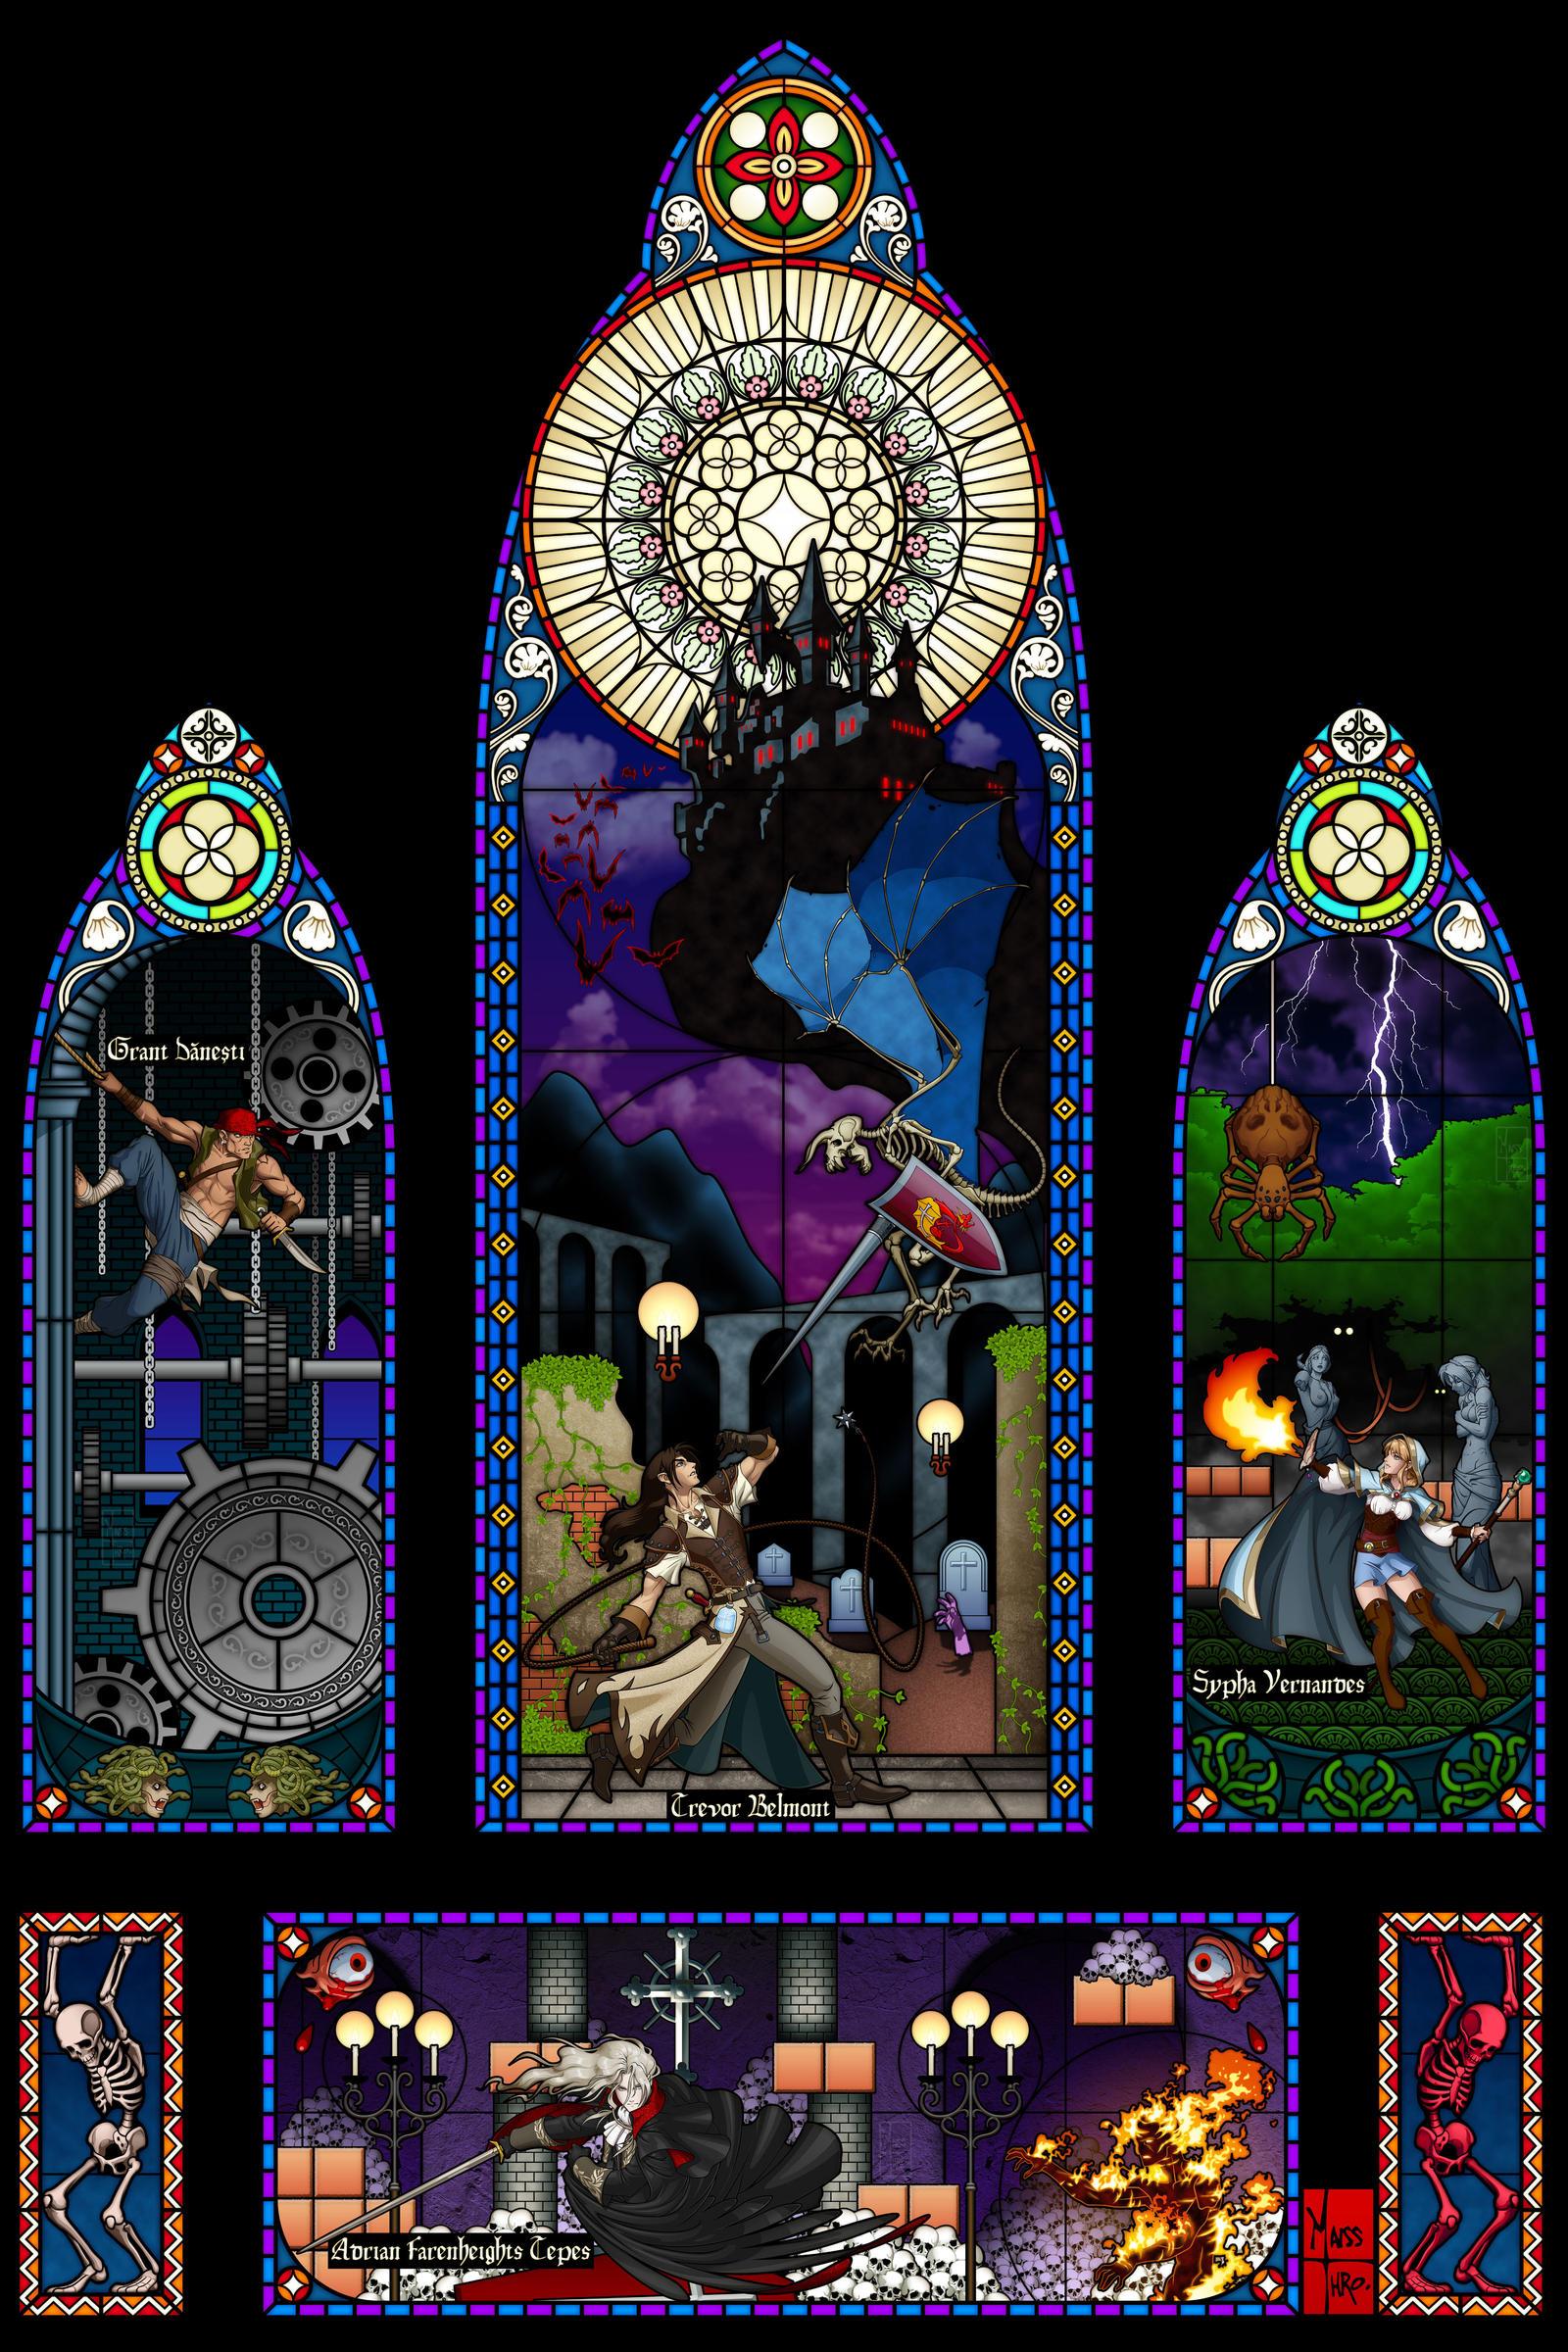 Dracula's Curse by Maiss-Thro